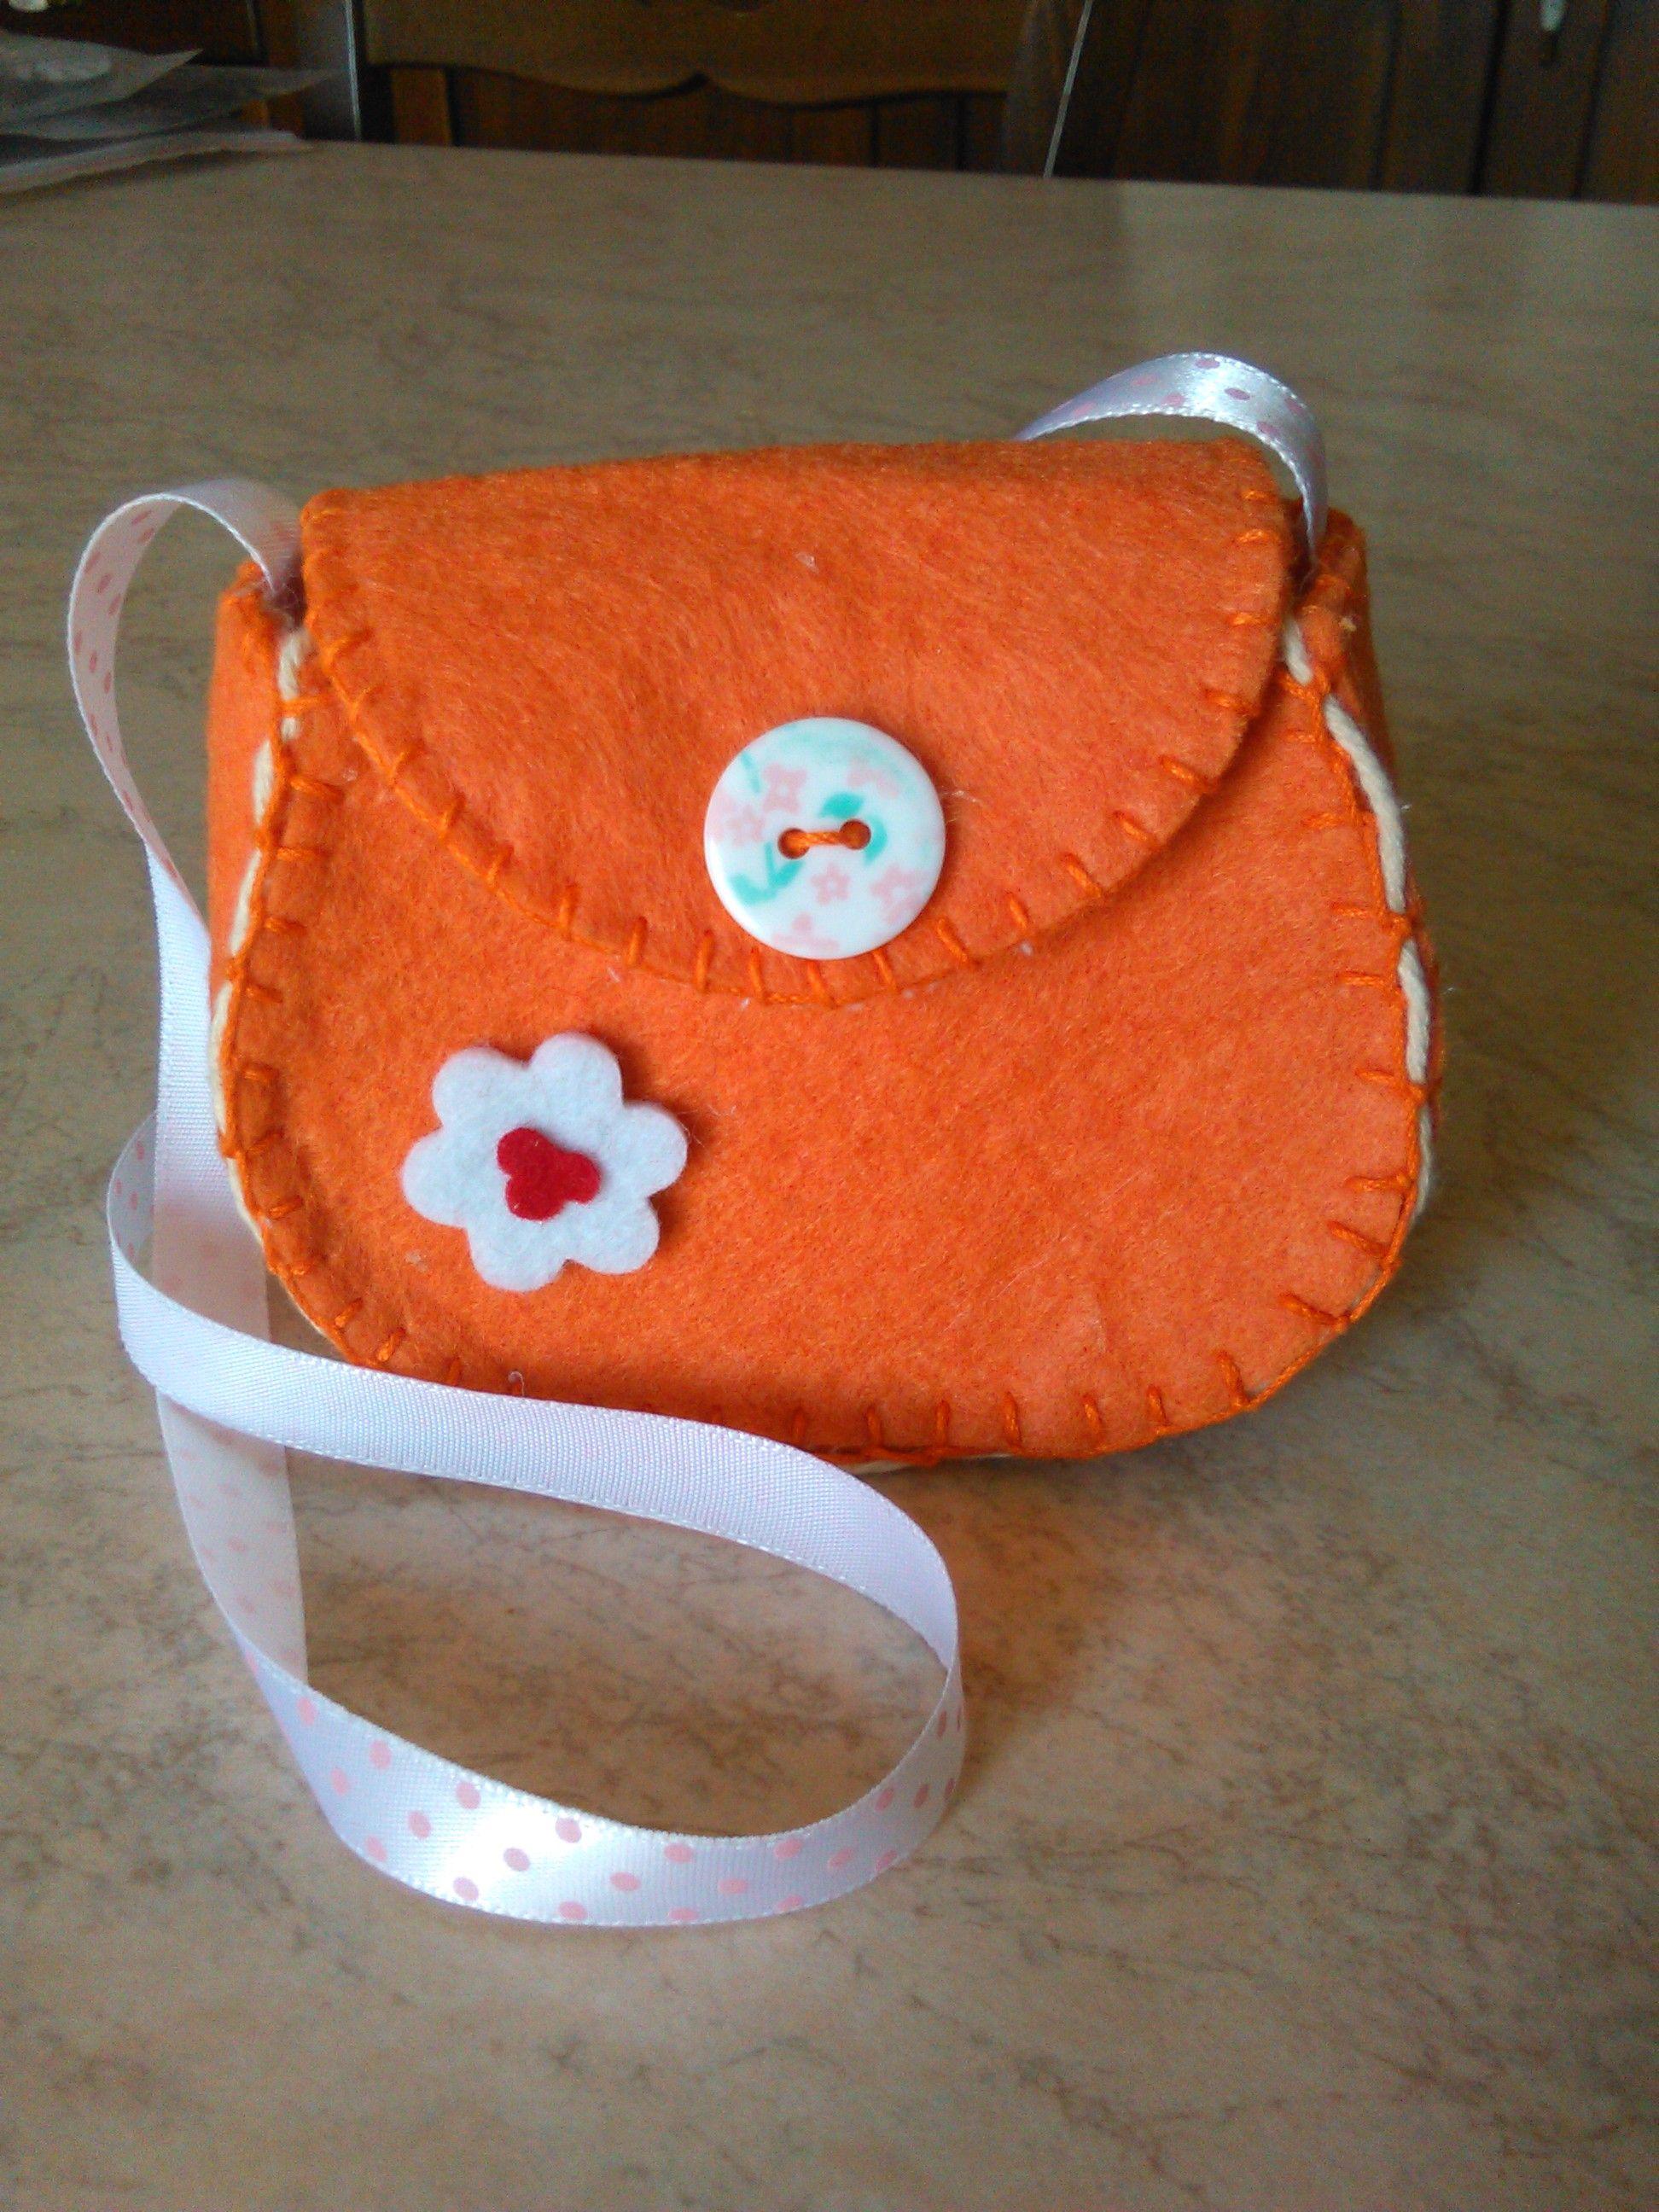 borsetta in feltro arancione per bambina   Borse fai da te